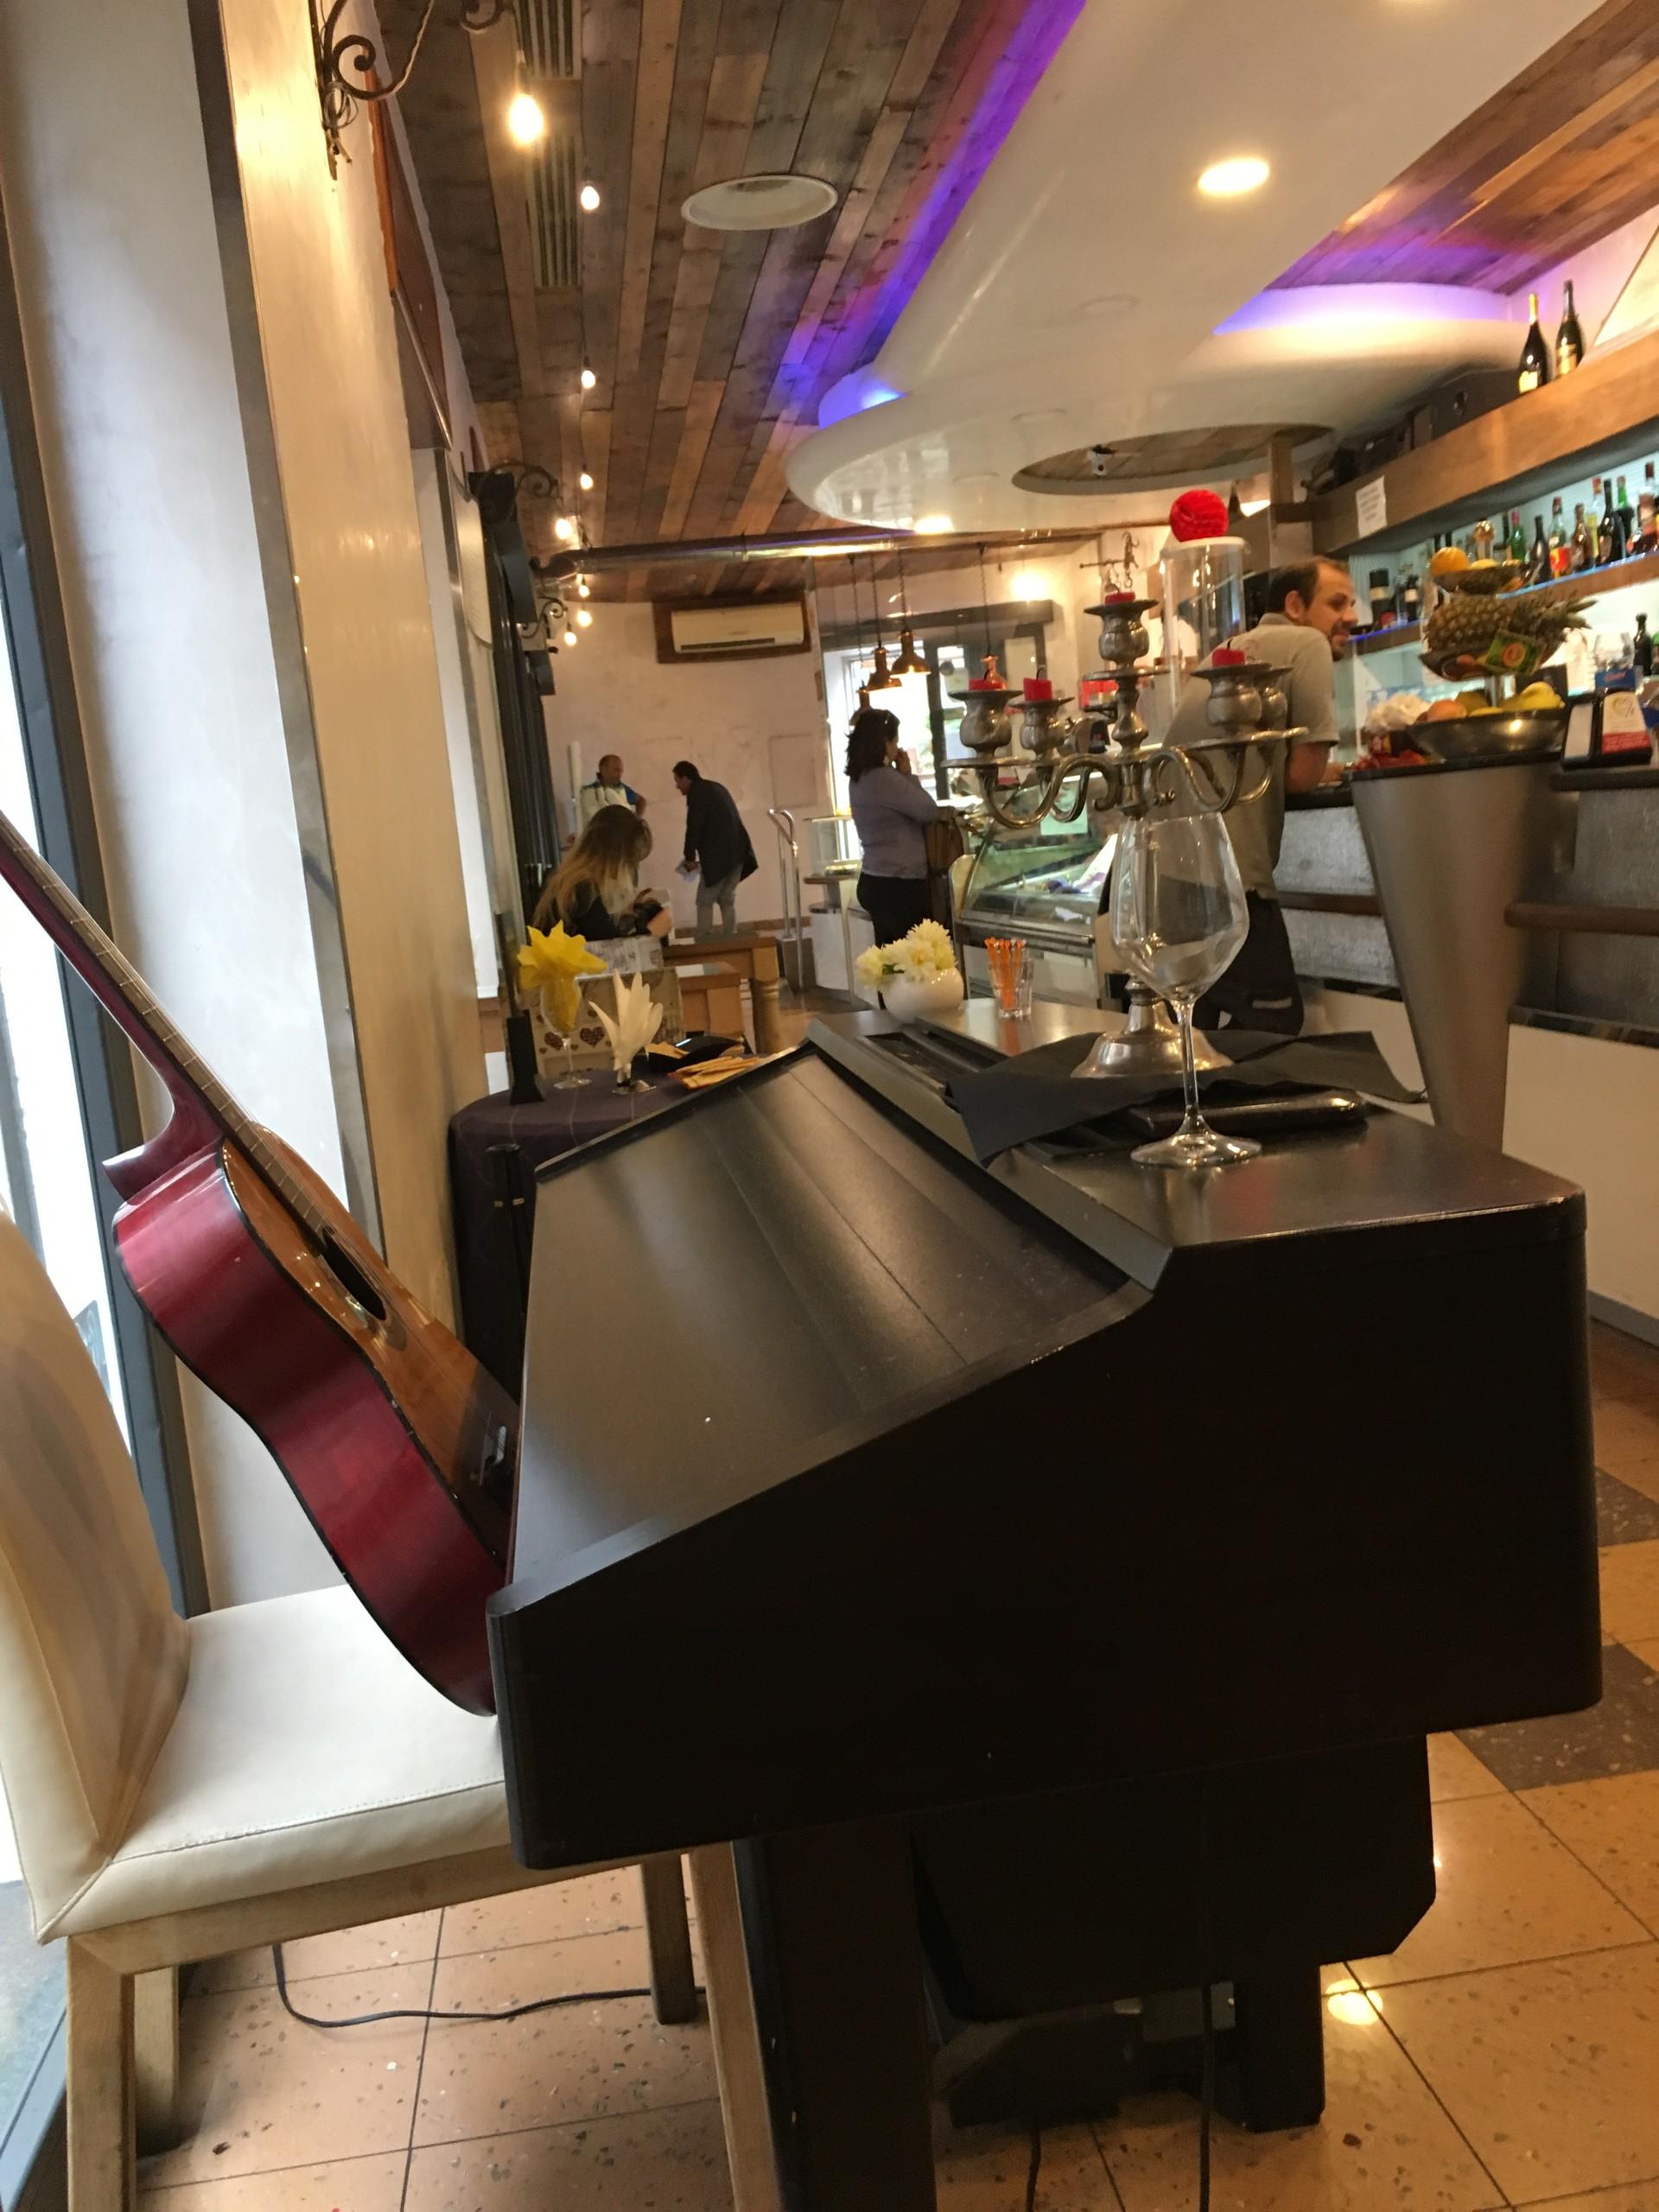 cafeteriarestaurante-399bd97f5a119c77742